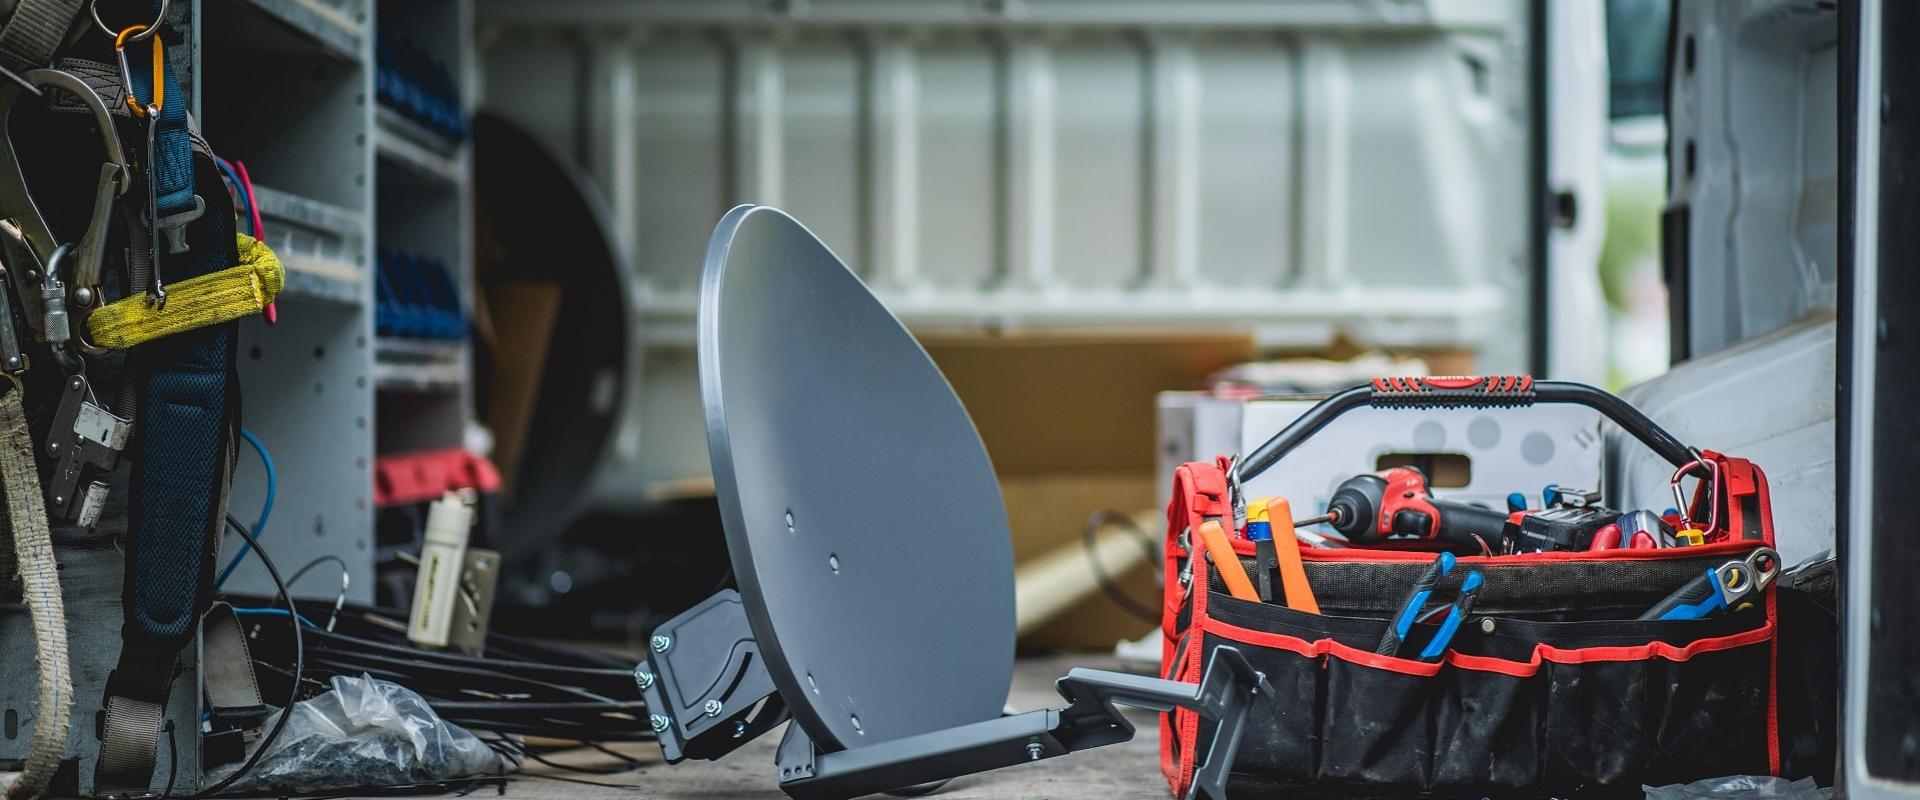 Antennen und Satellitenanlagen